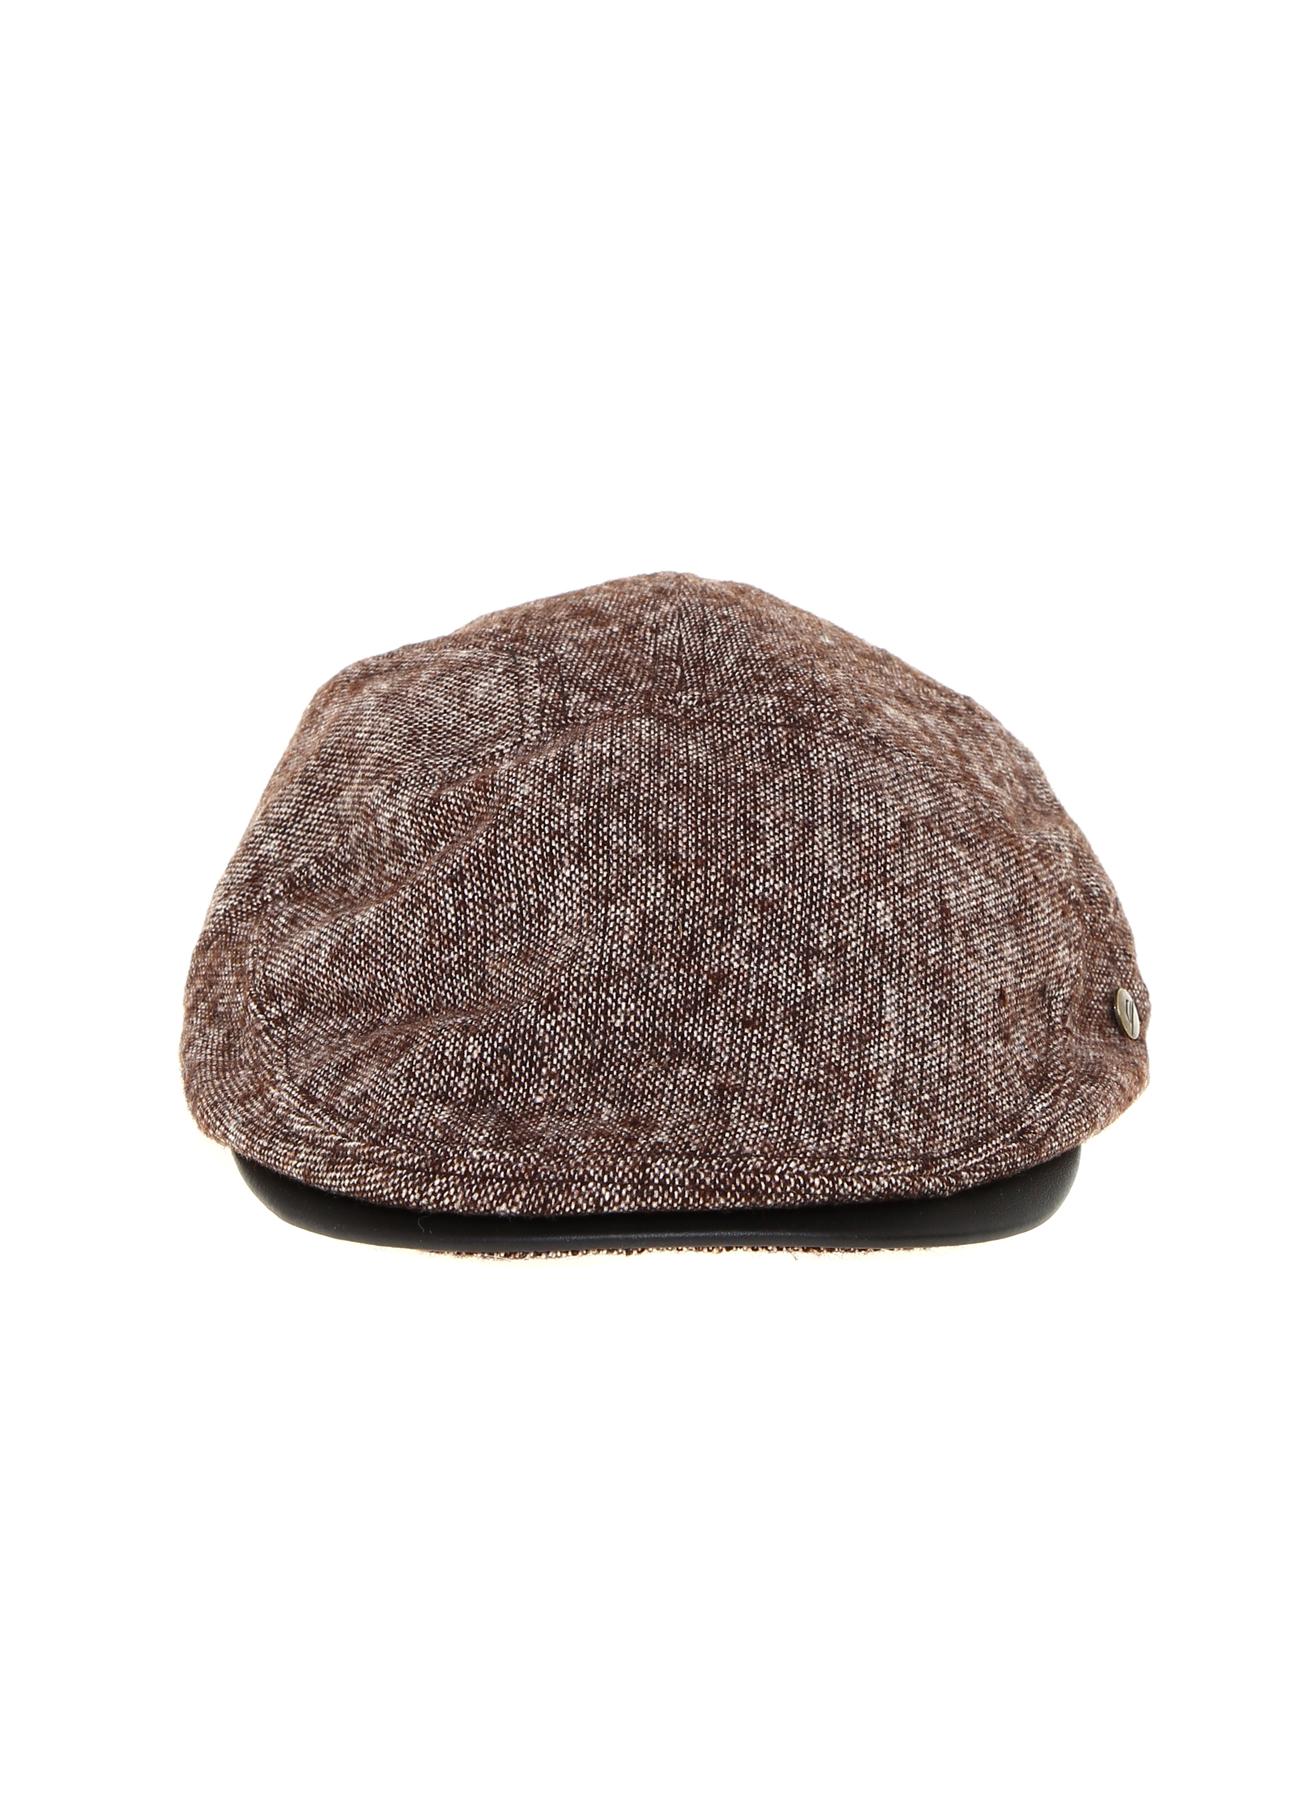 Bay Şapkaci Terekli Kahverengi Şapka 5002347424001 Ürün Resmi